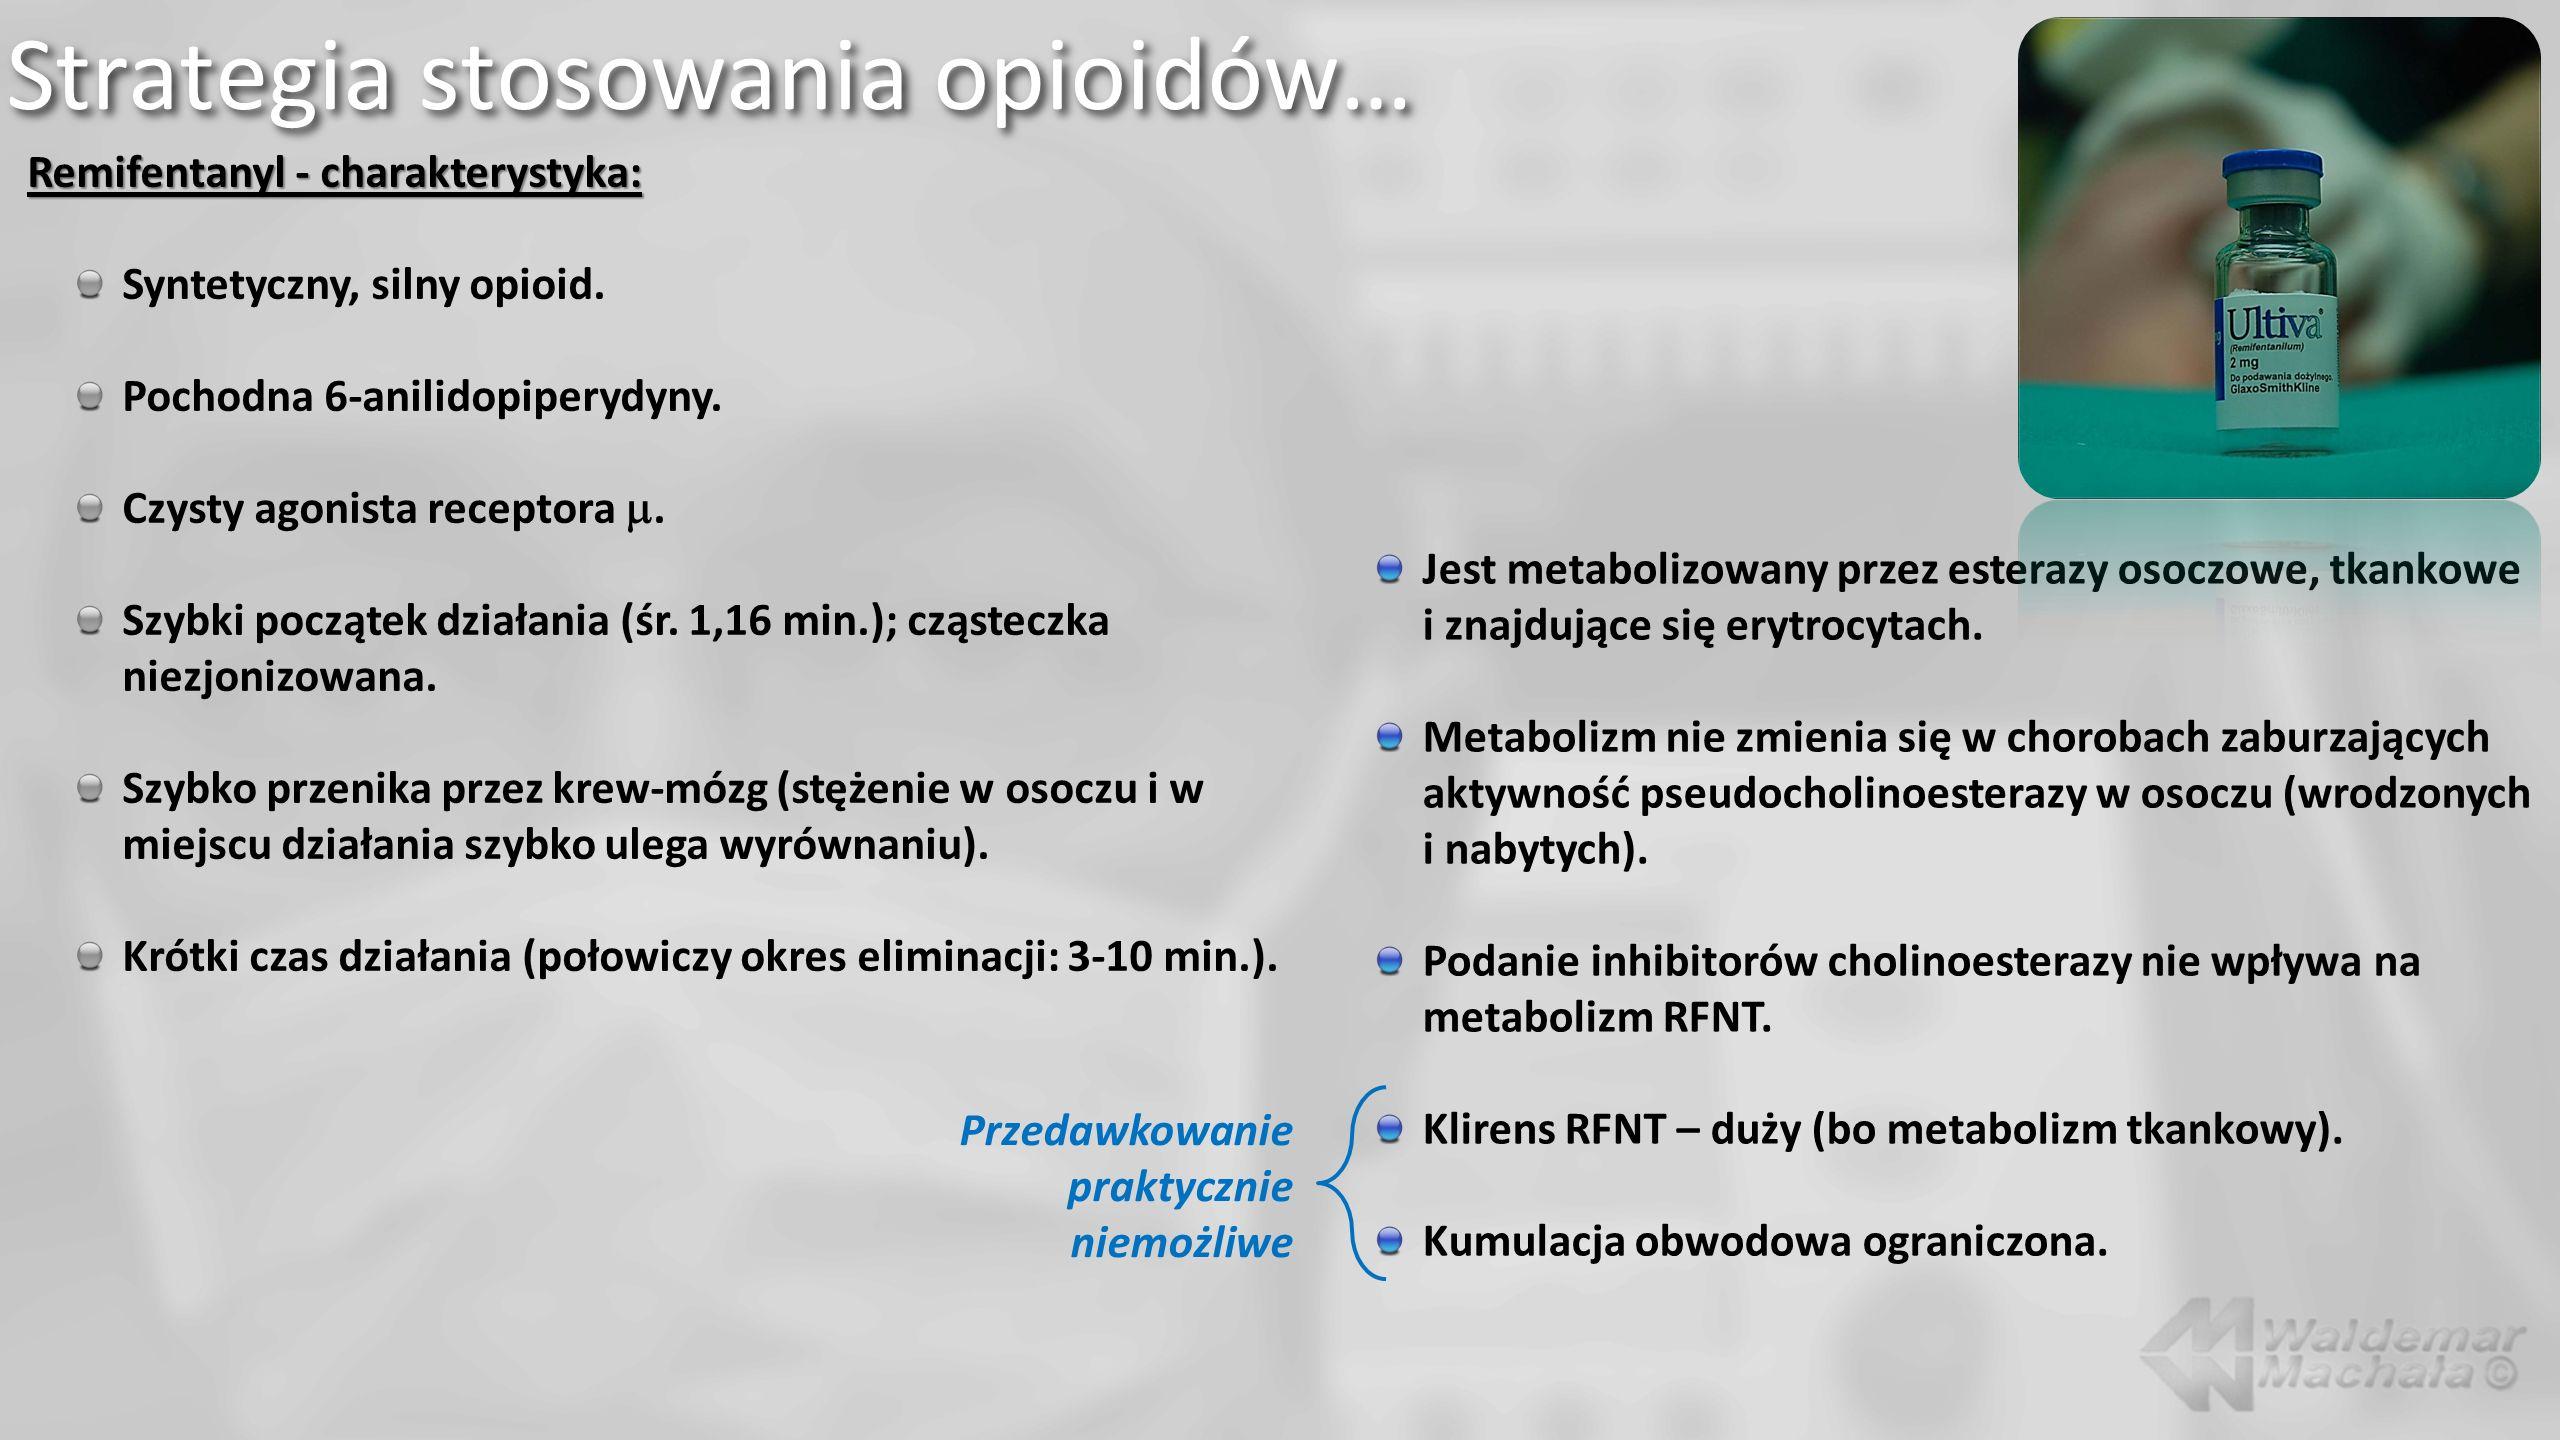 Remifentanyl - charakterystyka: Syntetyczny, silny opioid. Pochodna 6-anilidopiperydyny. Czysty agonista receptora. Szybki początek działania (śr. 1,1